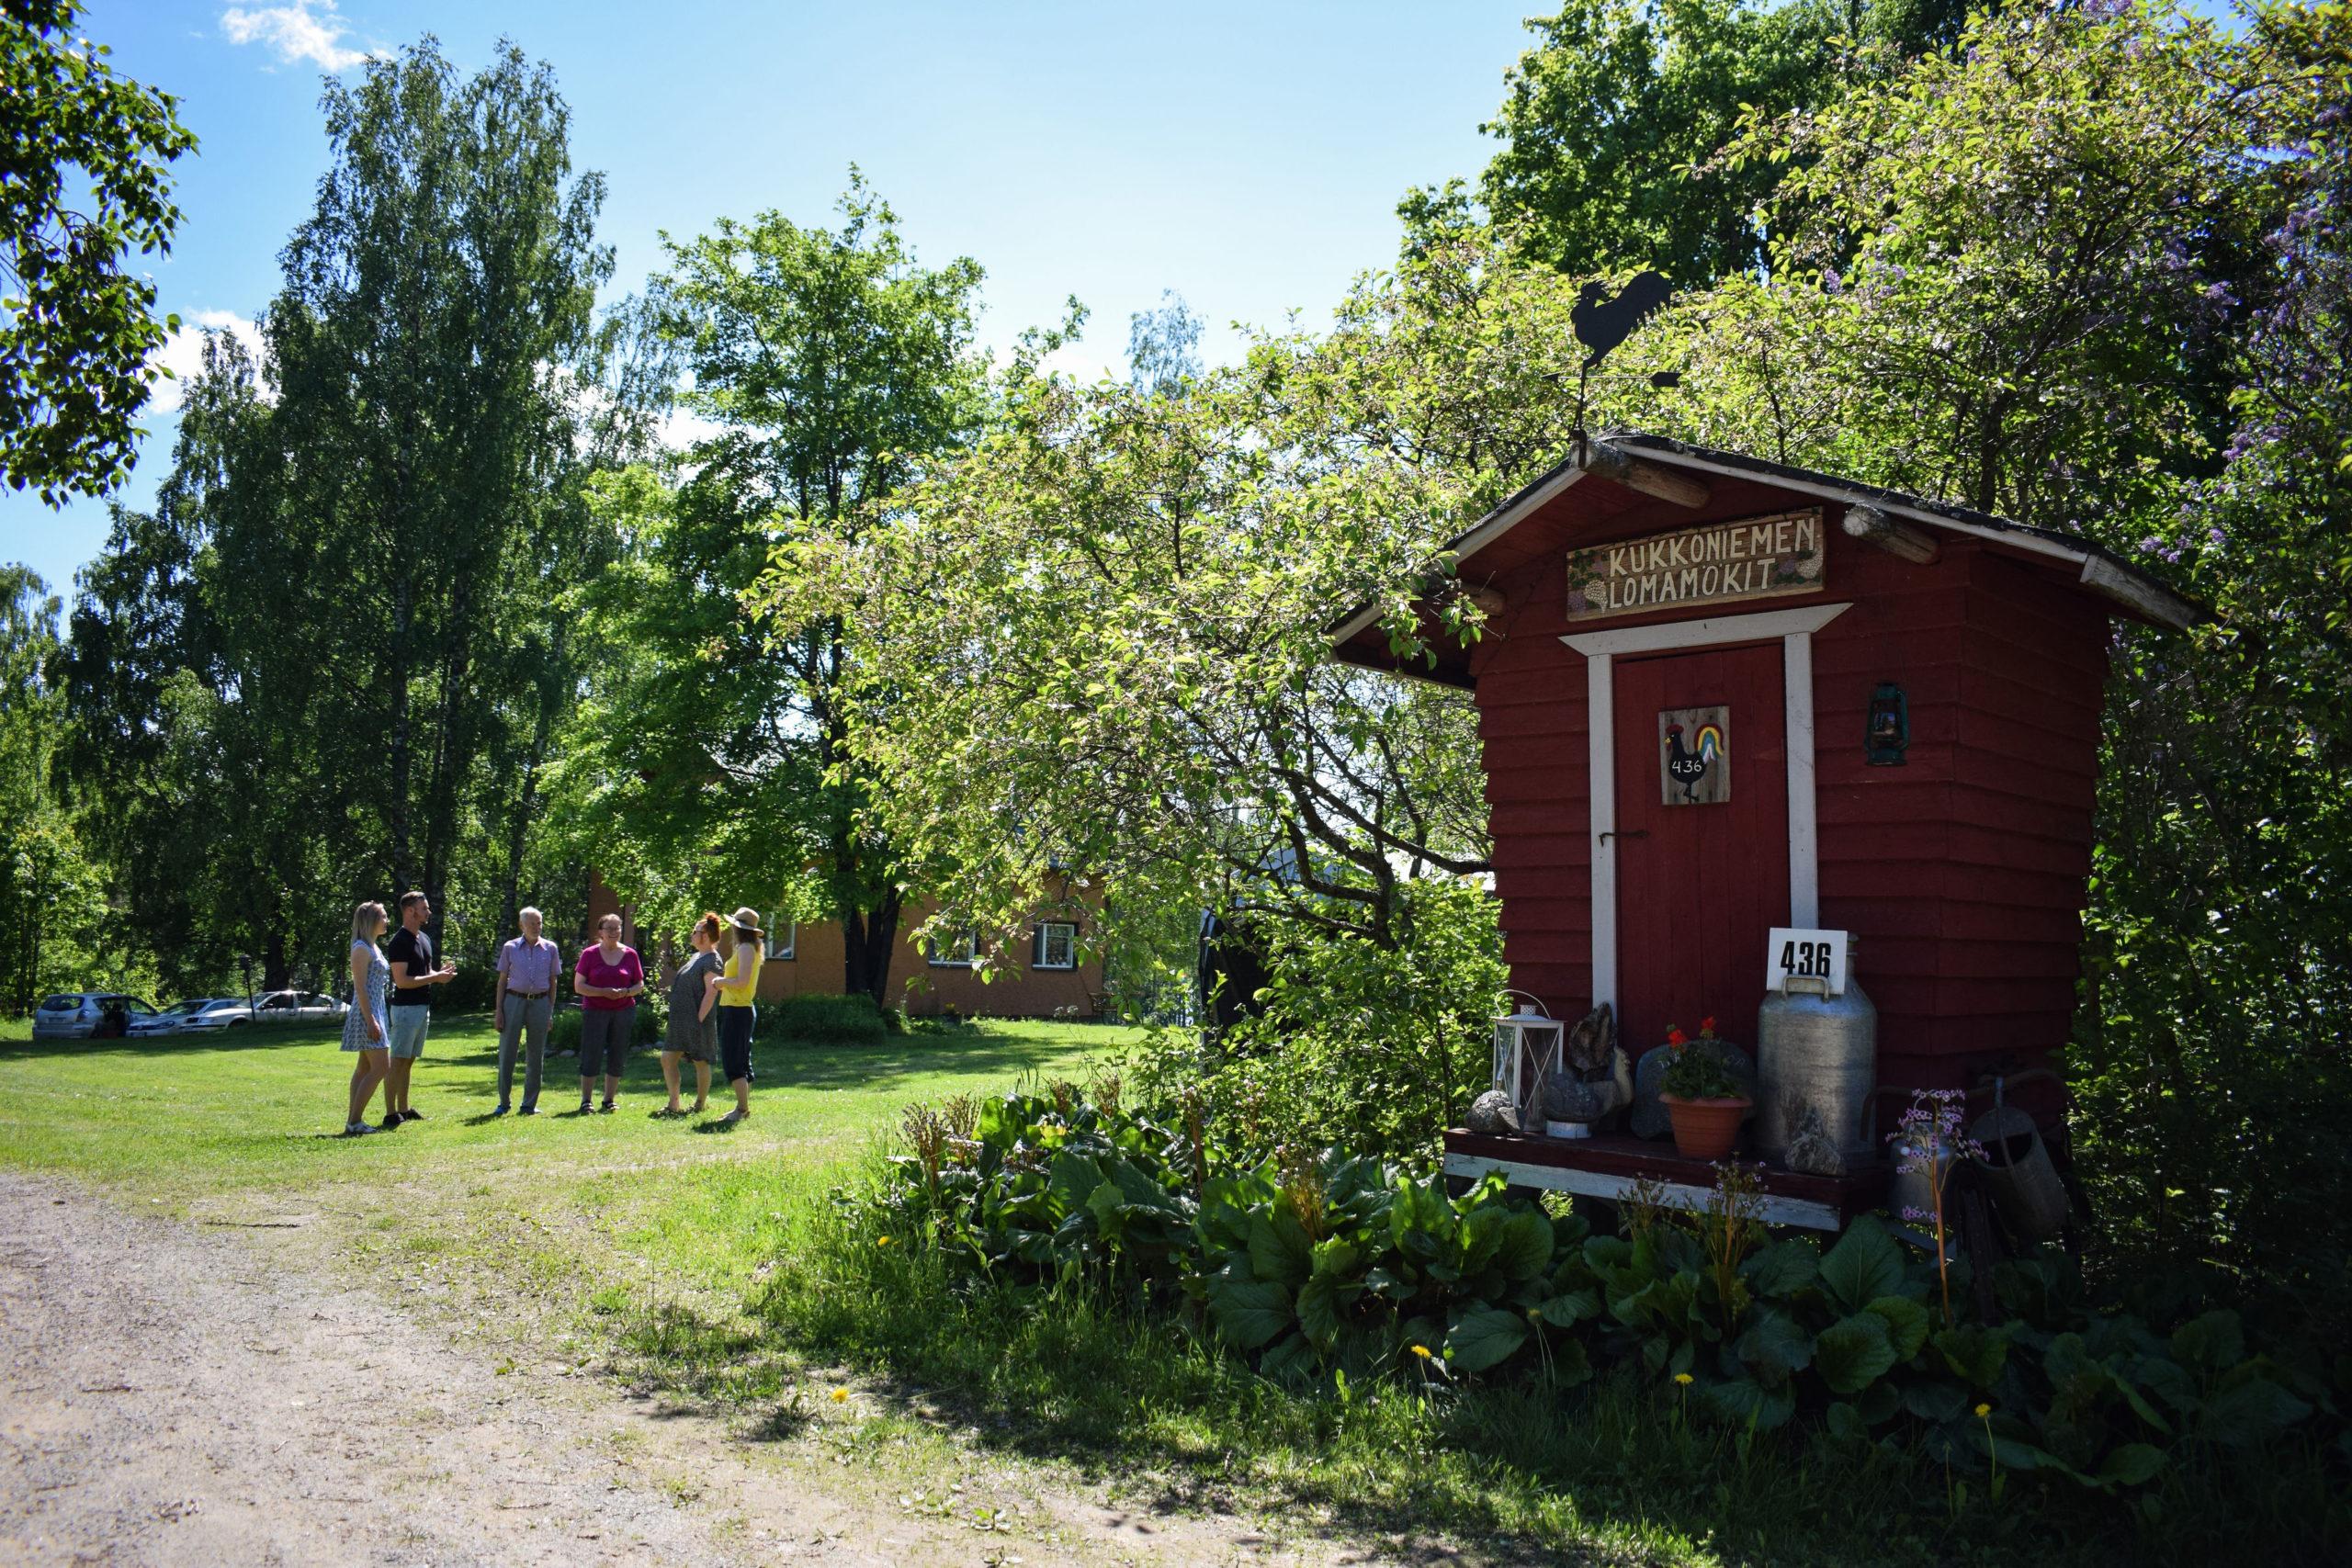 Kukkoniemen Lomamökit rental cottages travel company in Punkaharju, Saimaa